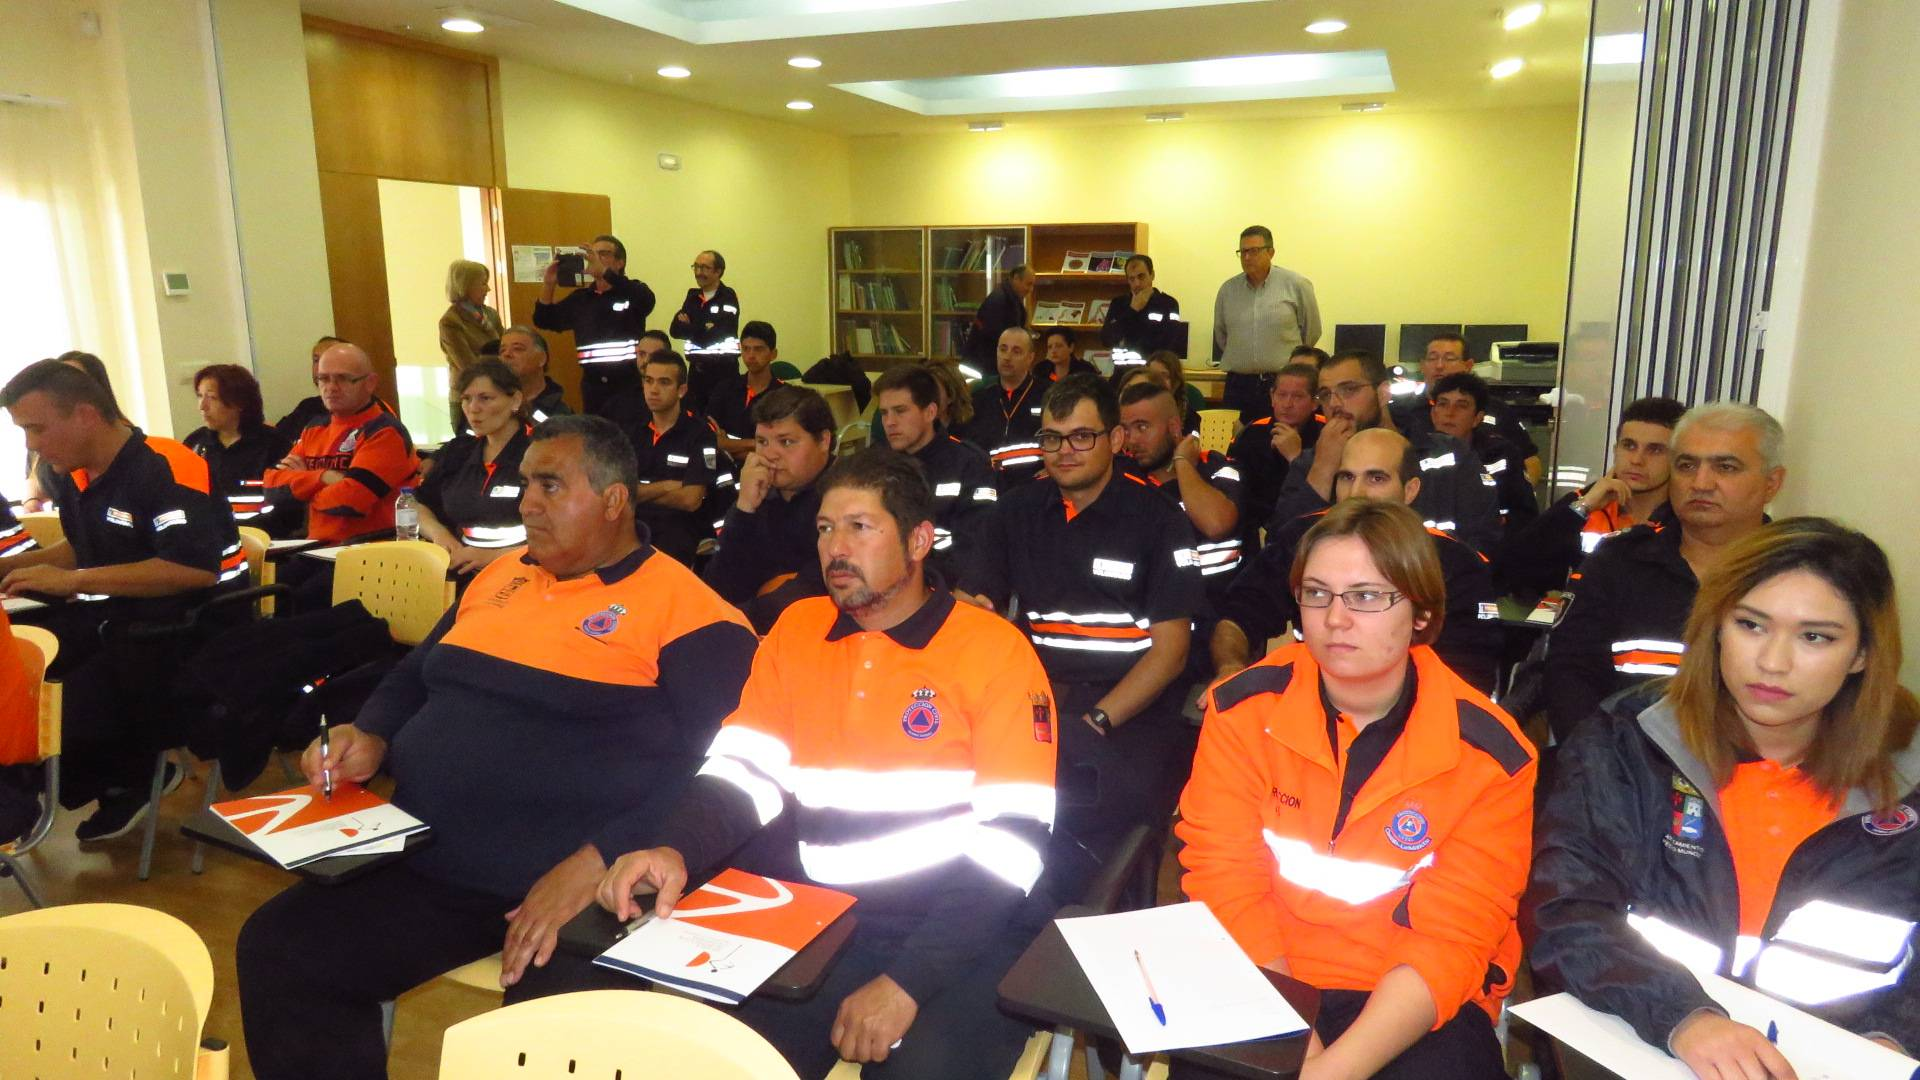 Protección civil de Herencia se forma en Manzanares junto con 60 voluntarios 6